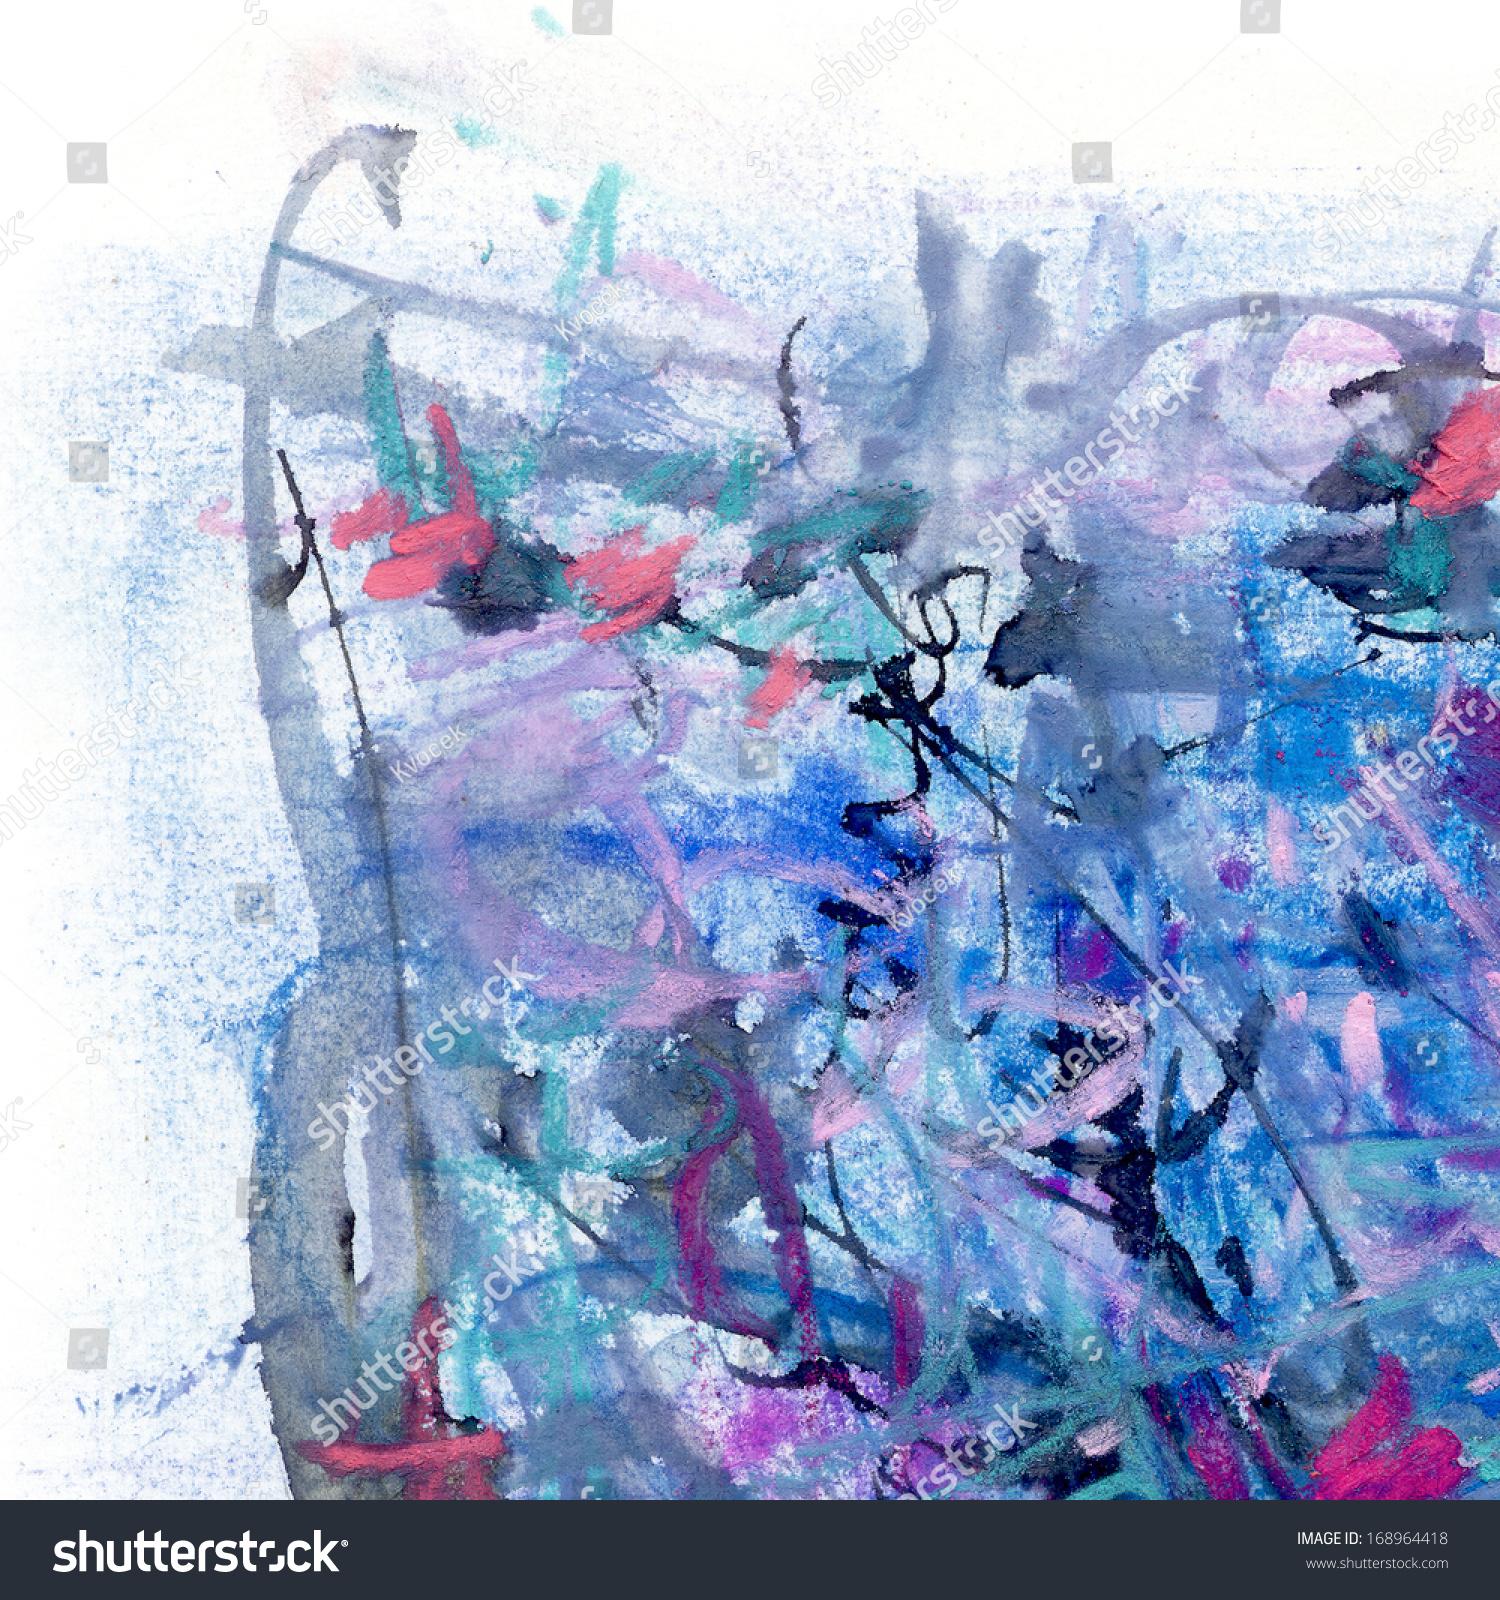 抽象画在纸上用蓝色和黑色颜色,艺术背景-背景/素材